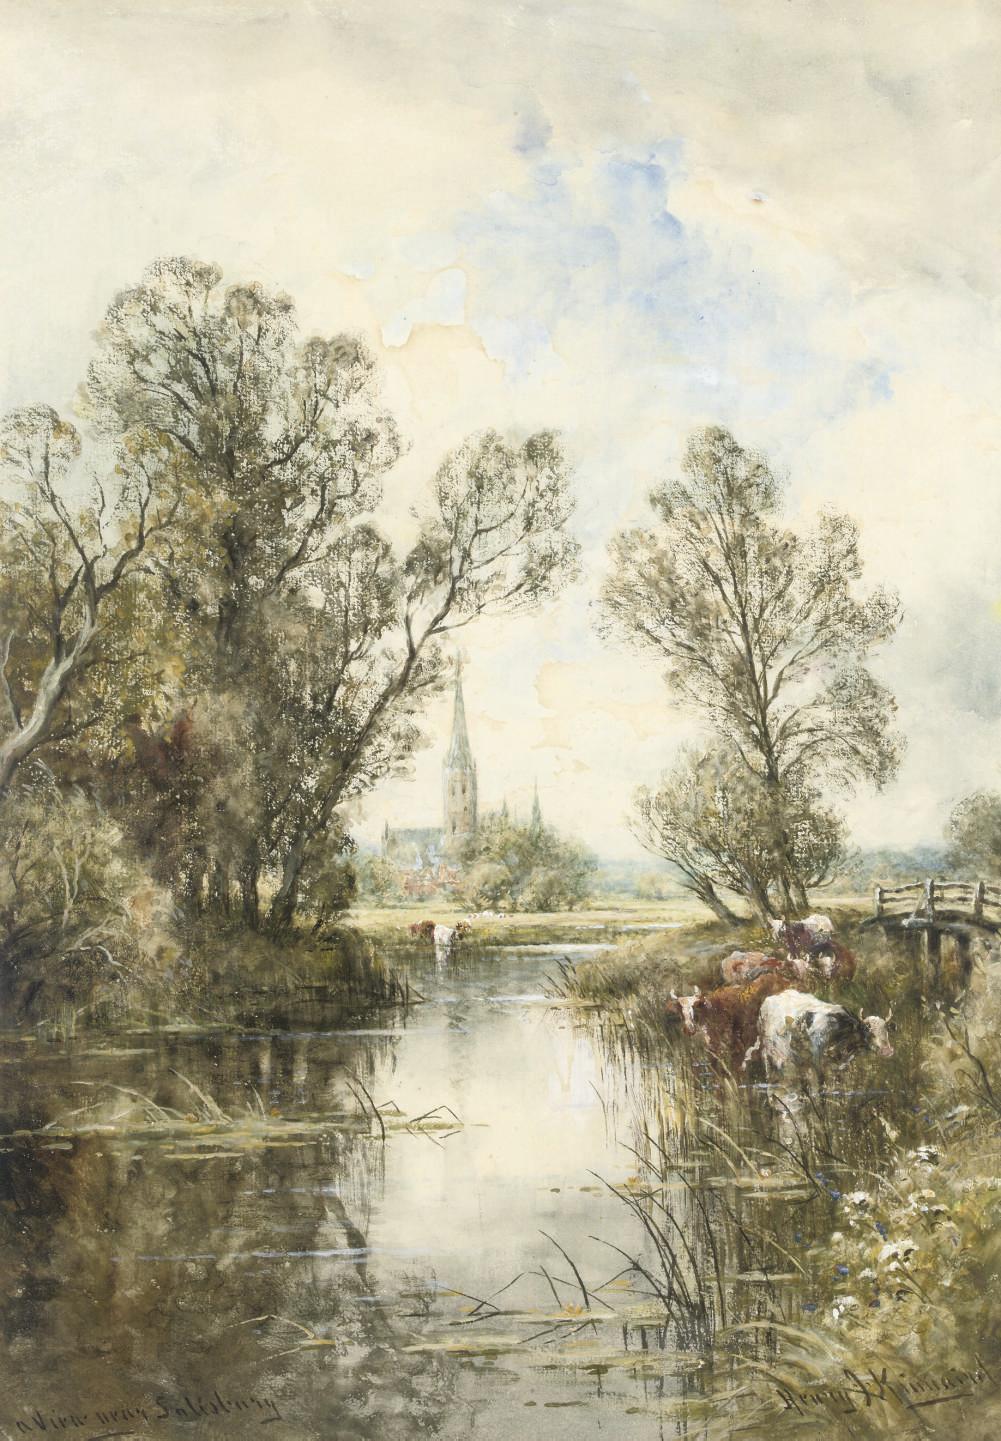 Henry John Kinnaird (c.1880-19